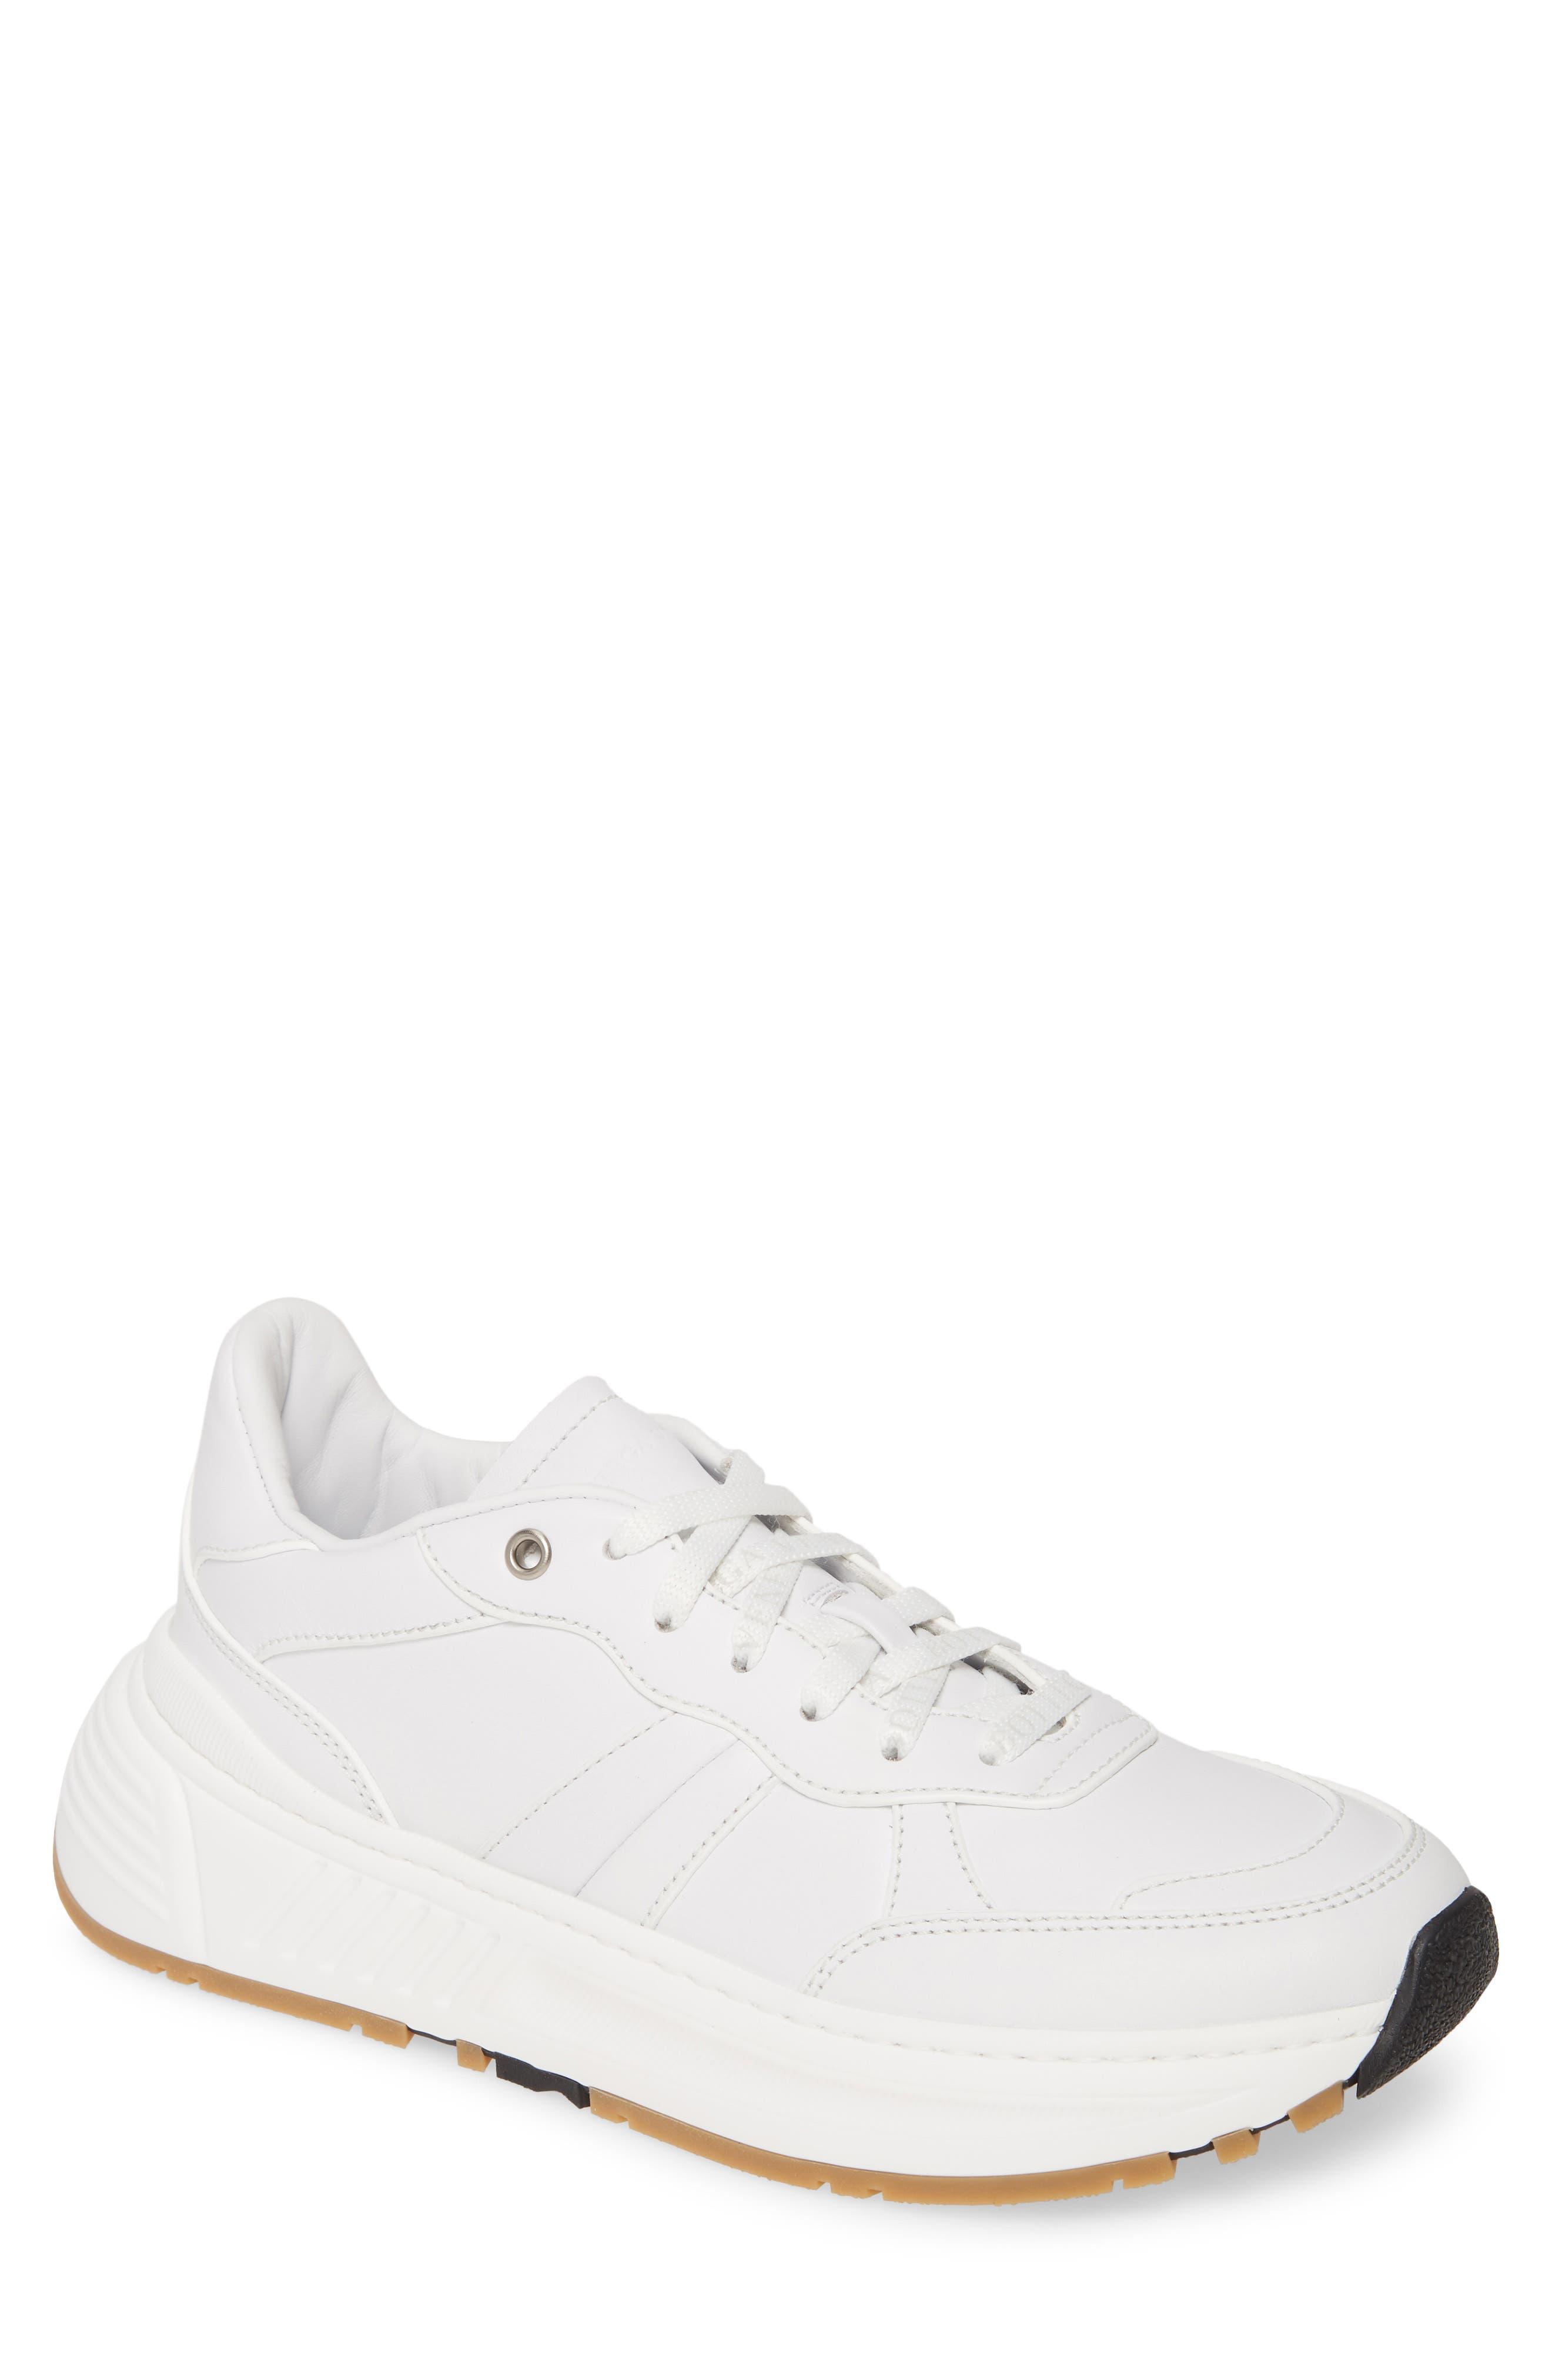 Bottega Veneta Speedster Sneaker (Men